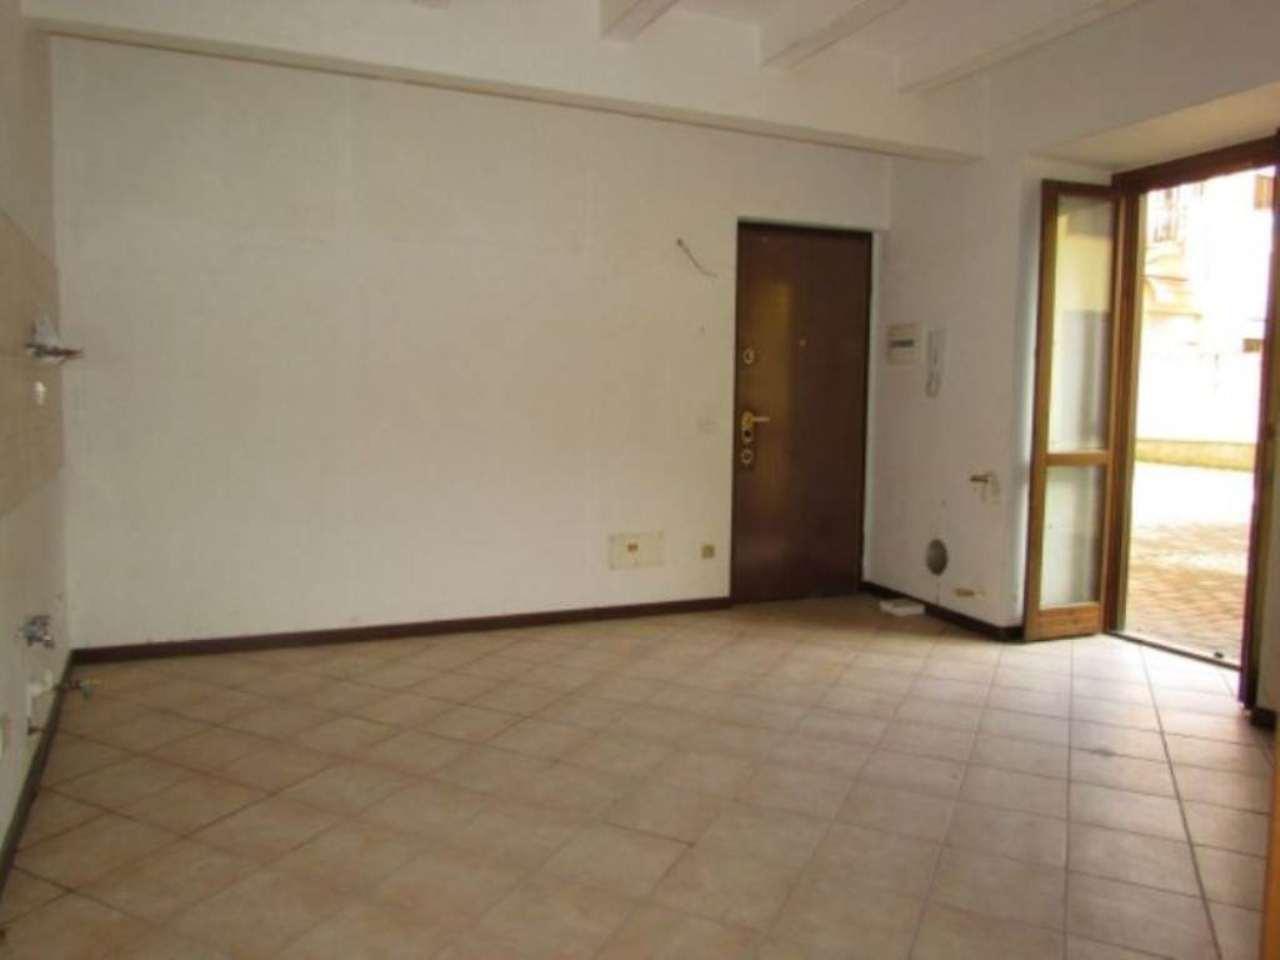 Appartamento in vendita a Lonate Ceppino, 2 locali, prezzo € 85.000 | Cambio Casa.it